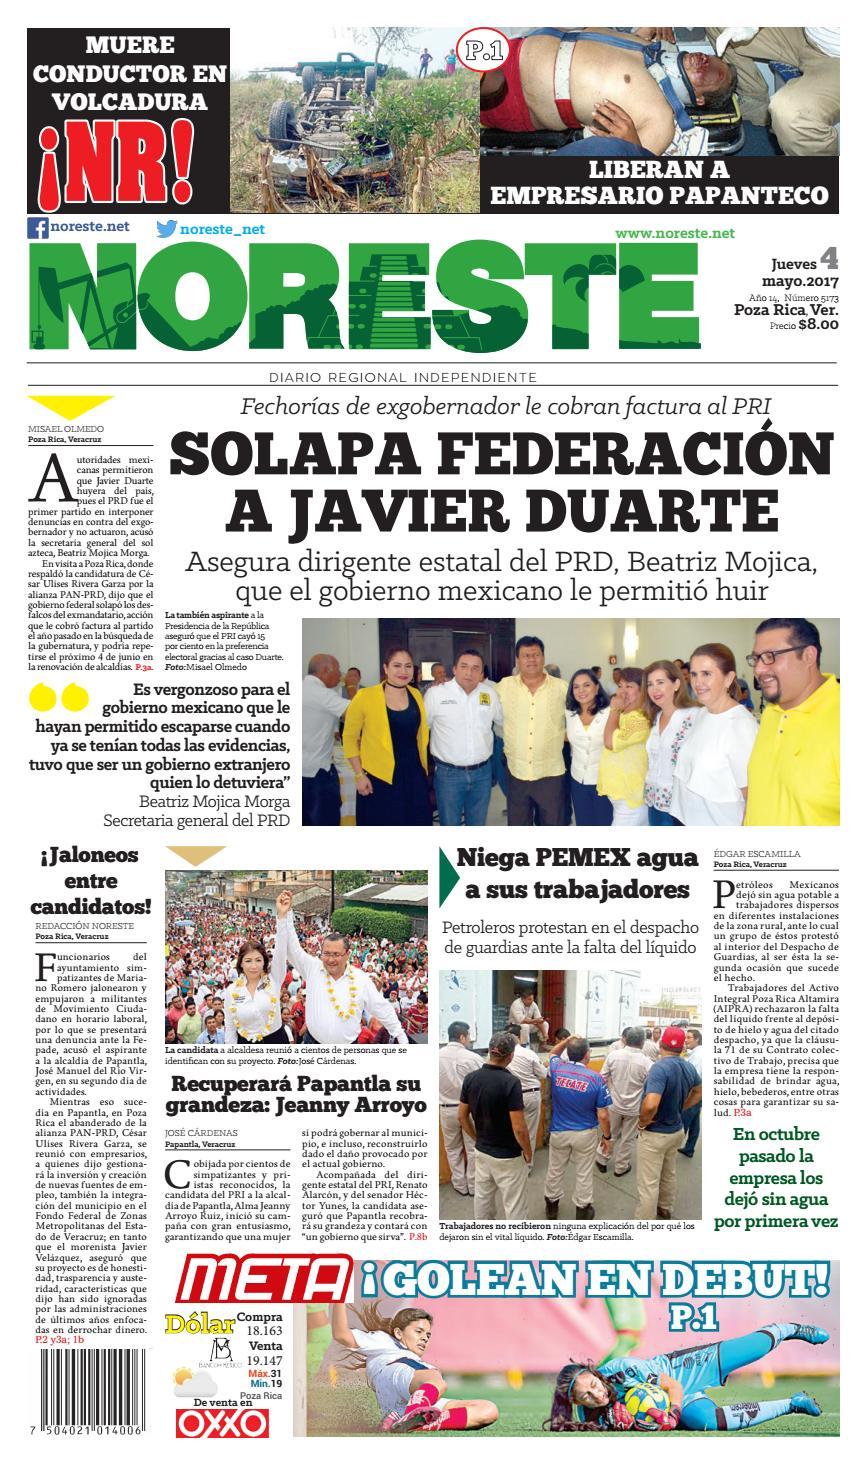 Versi N Impresa 4 De Mayo By Noreste Diario Regional  # Muebles Buganza